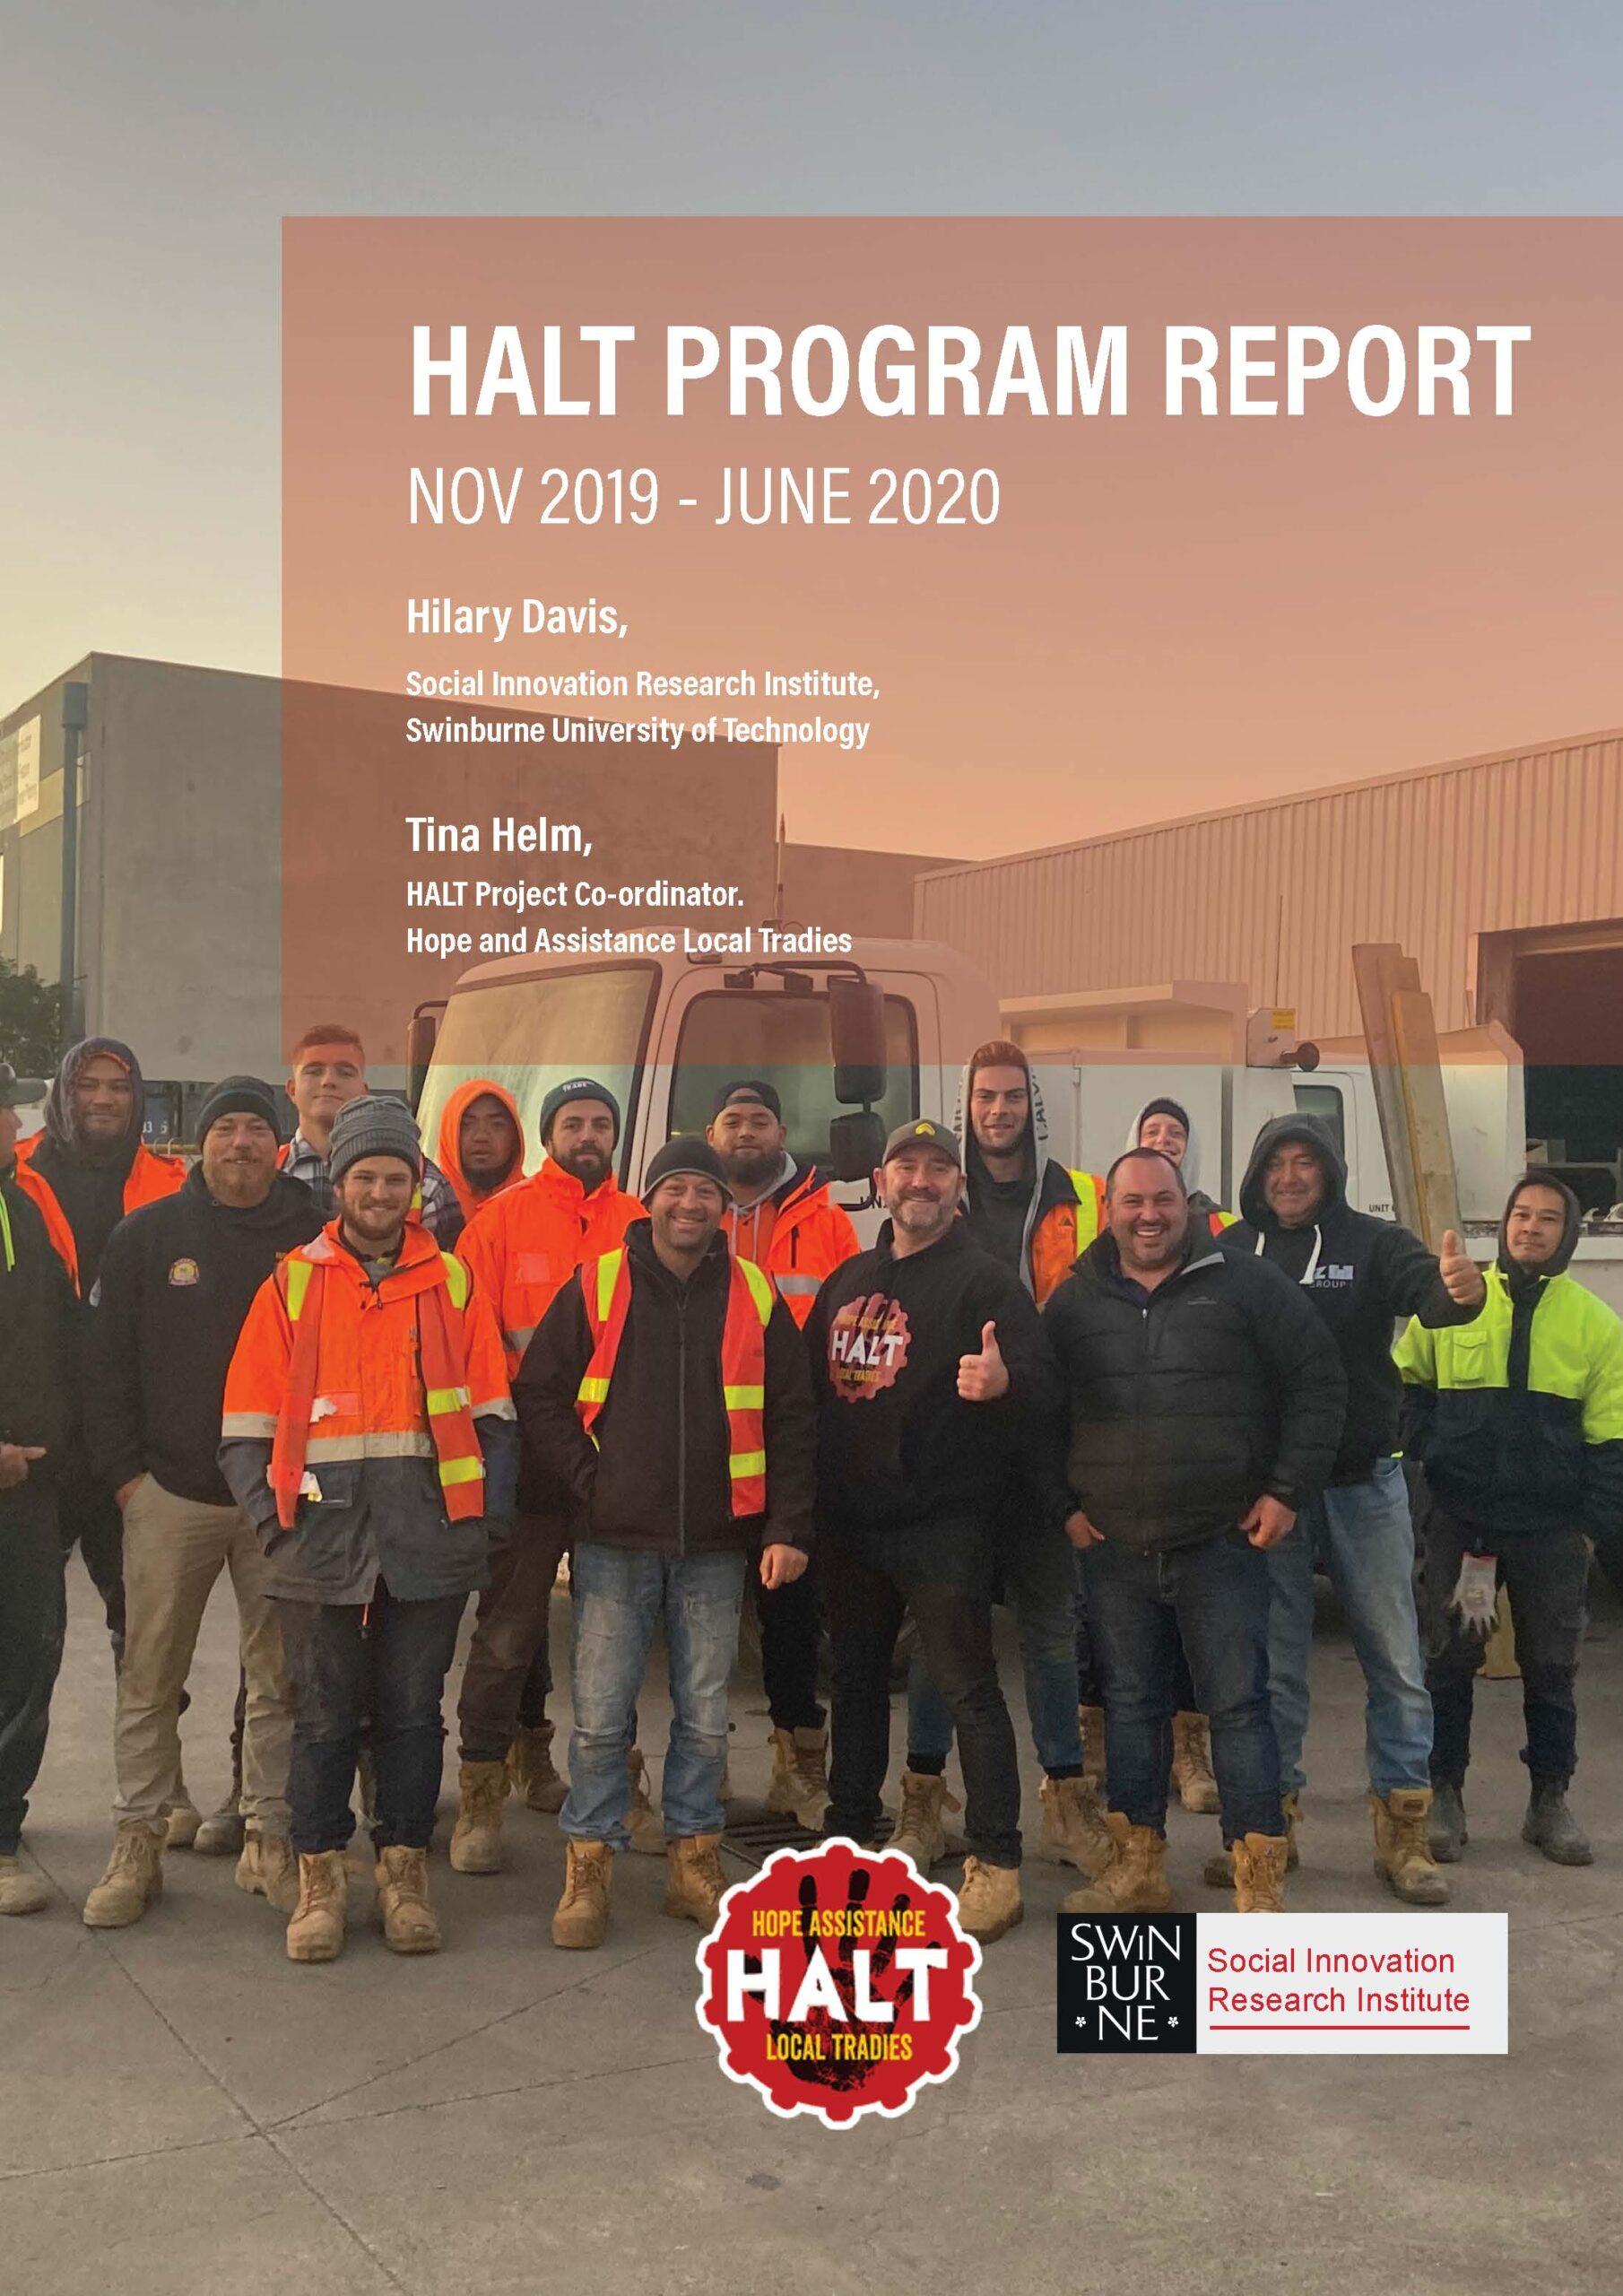 HALT Program Report November 2019 – June 2020